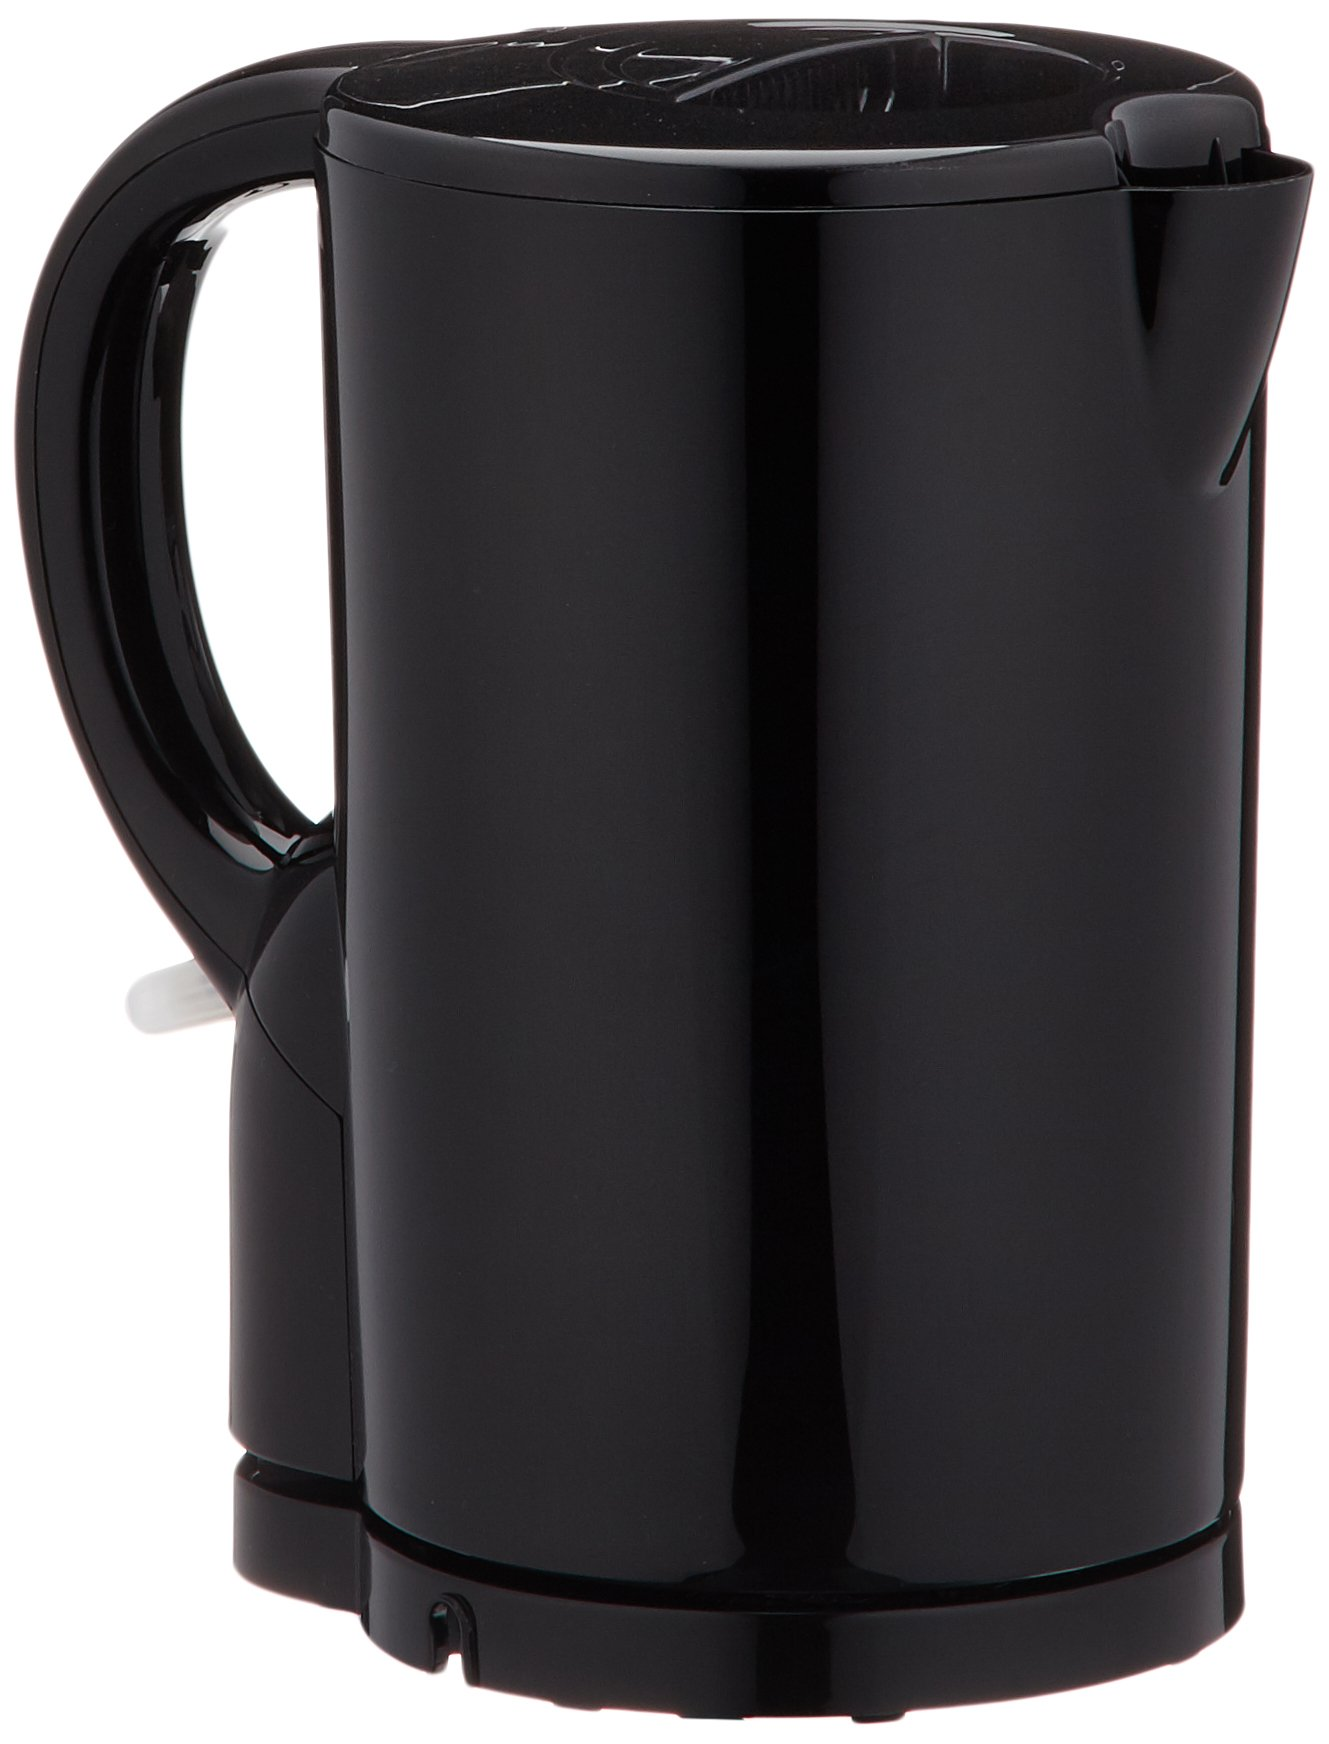 Emerio-Wasserkocher-17L-Kunststoff